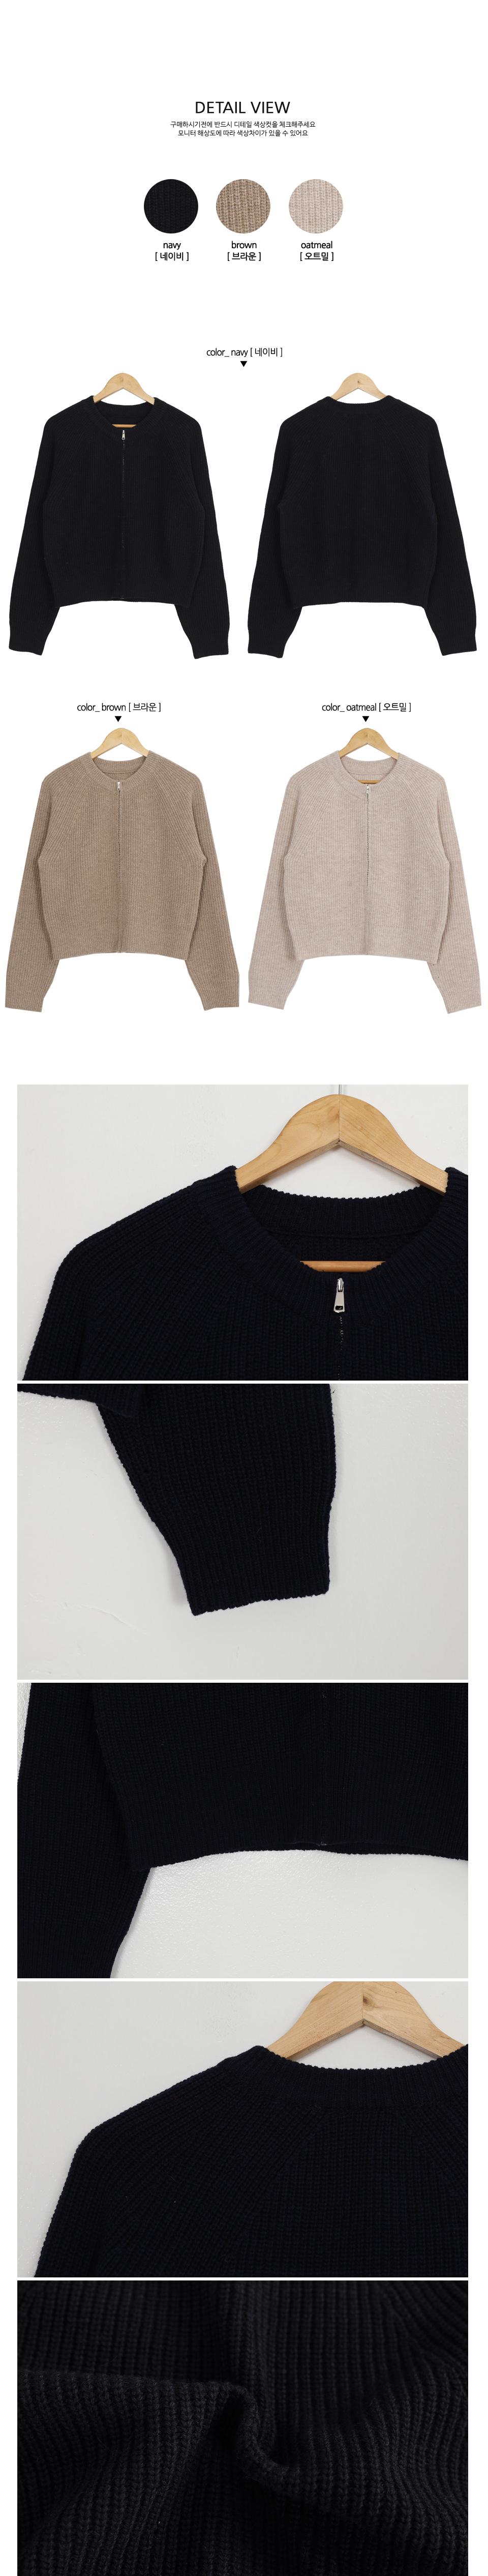 拉克蘭袖拉鍊針織外套